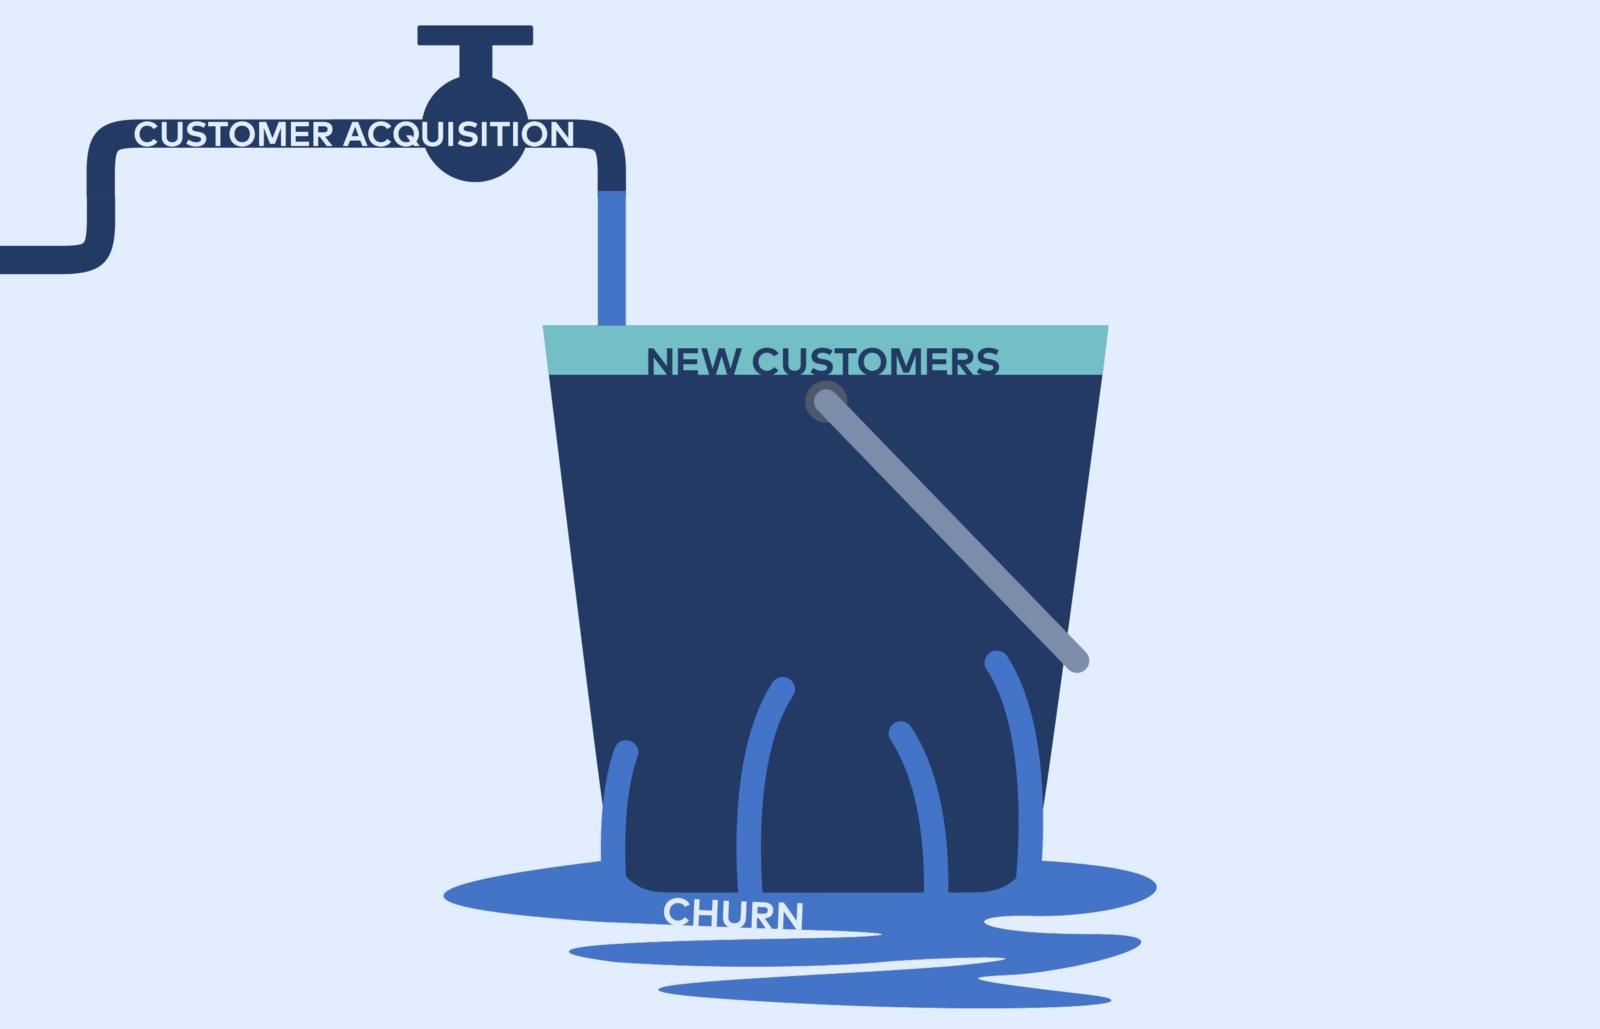 تقليل تسرب العملاء